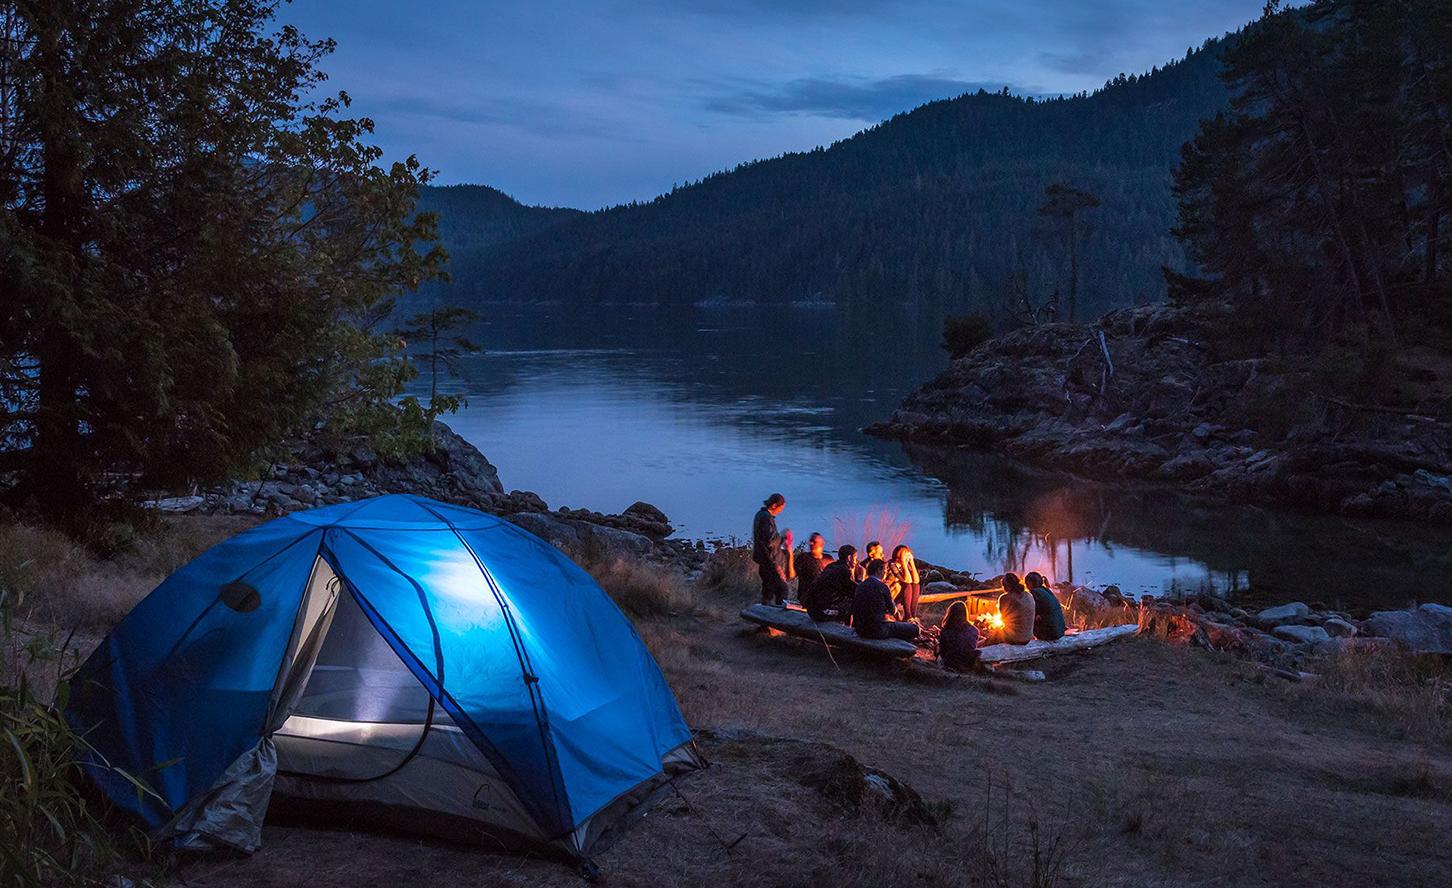 Картинки отдых на природе с палатками, надписью автозапчасти